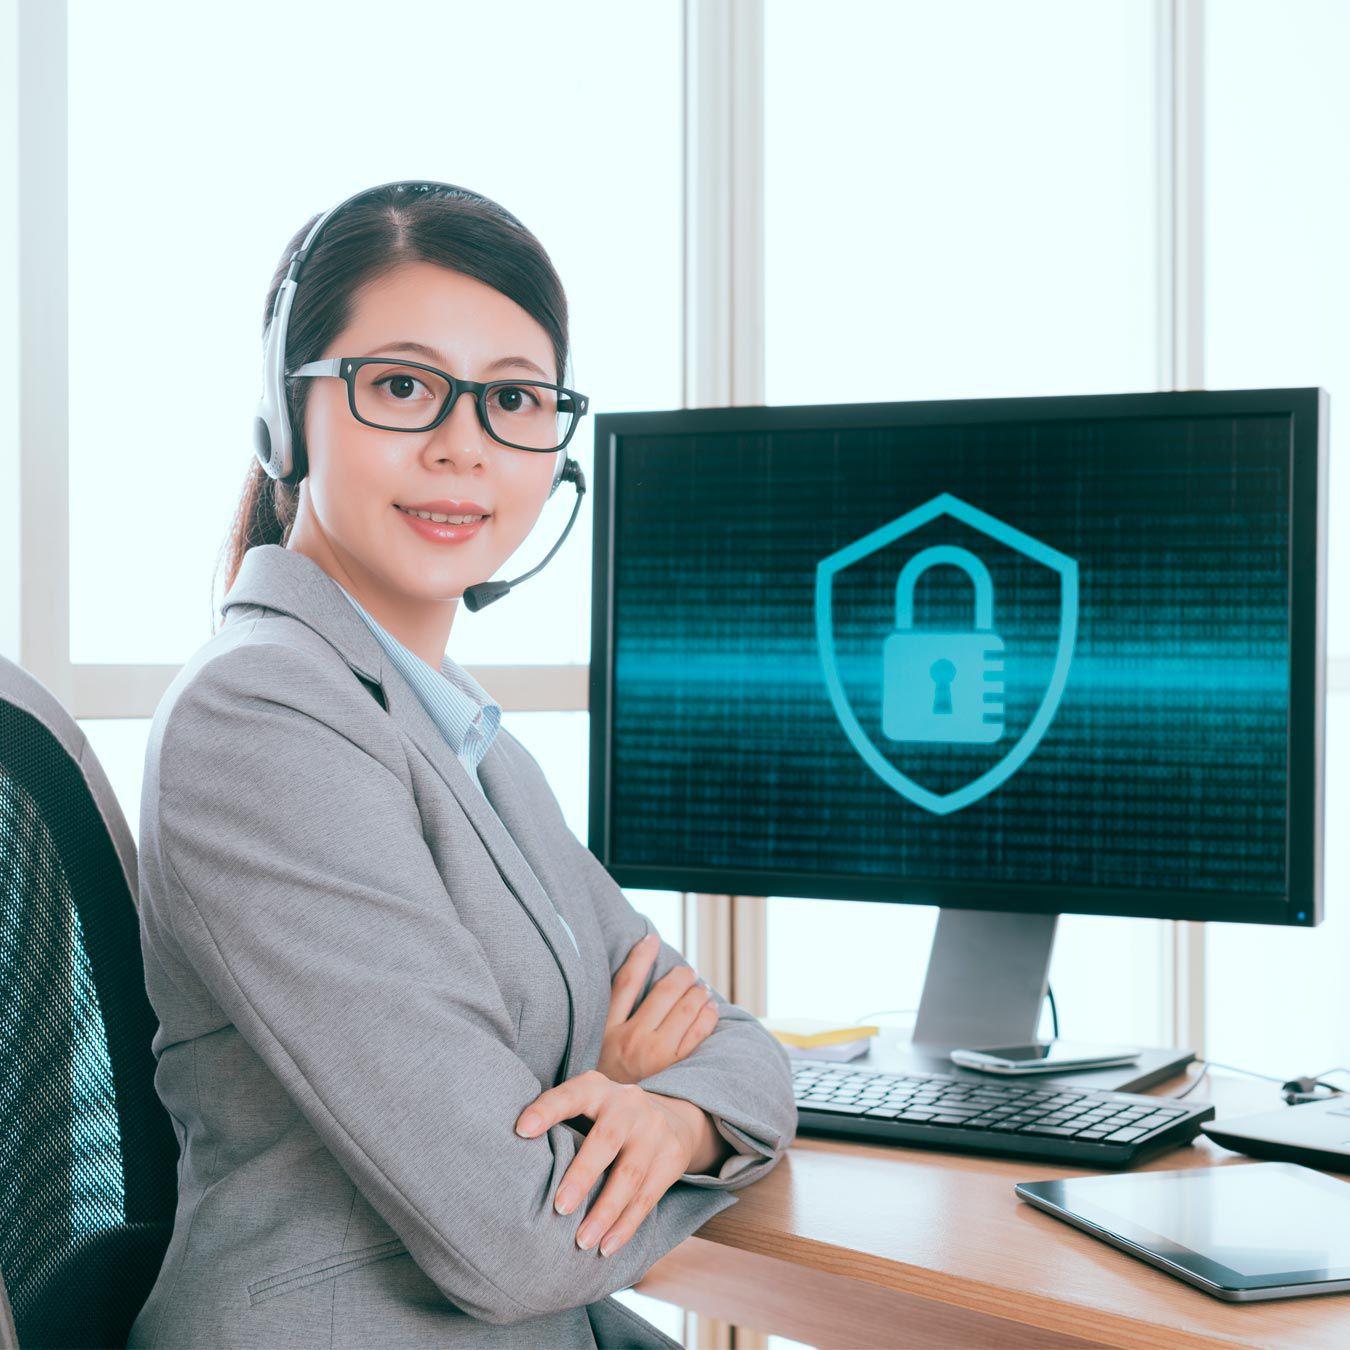 Direito da Proteção e Uso de Dados  - PUC Minas